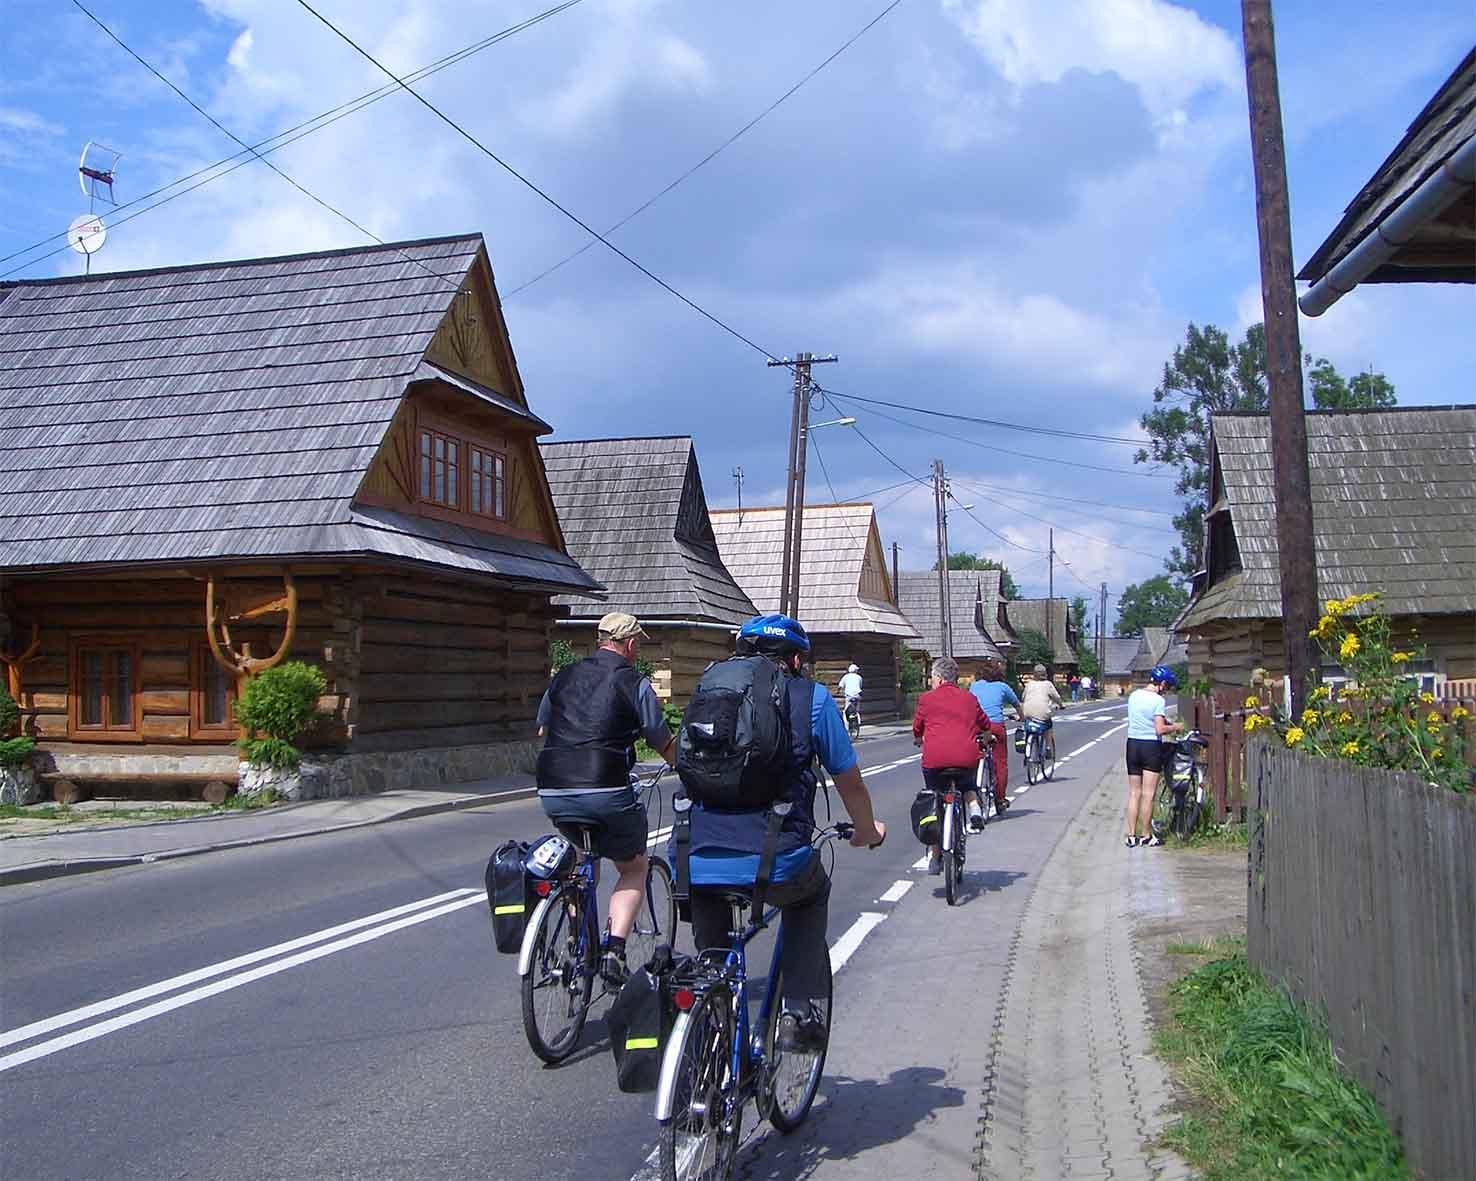 Radreise Polen, KRK, Fot. 2, F. Schirmer